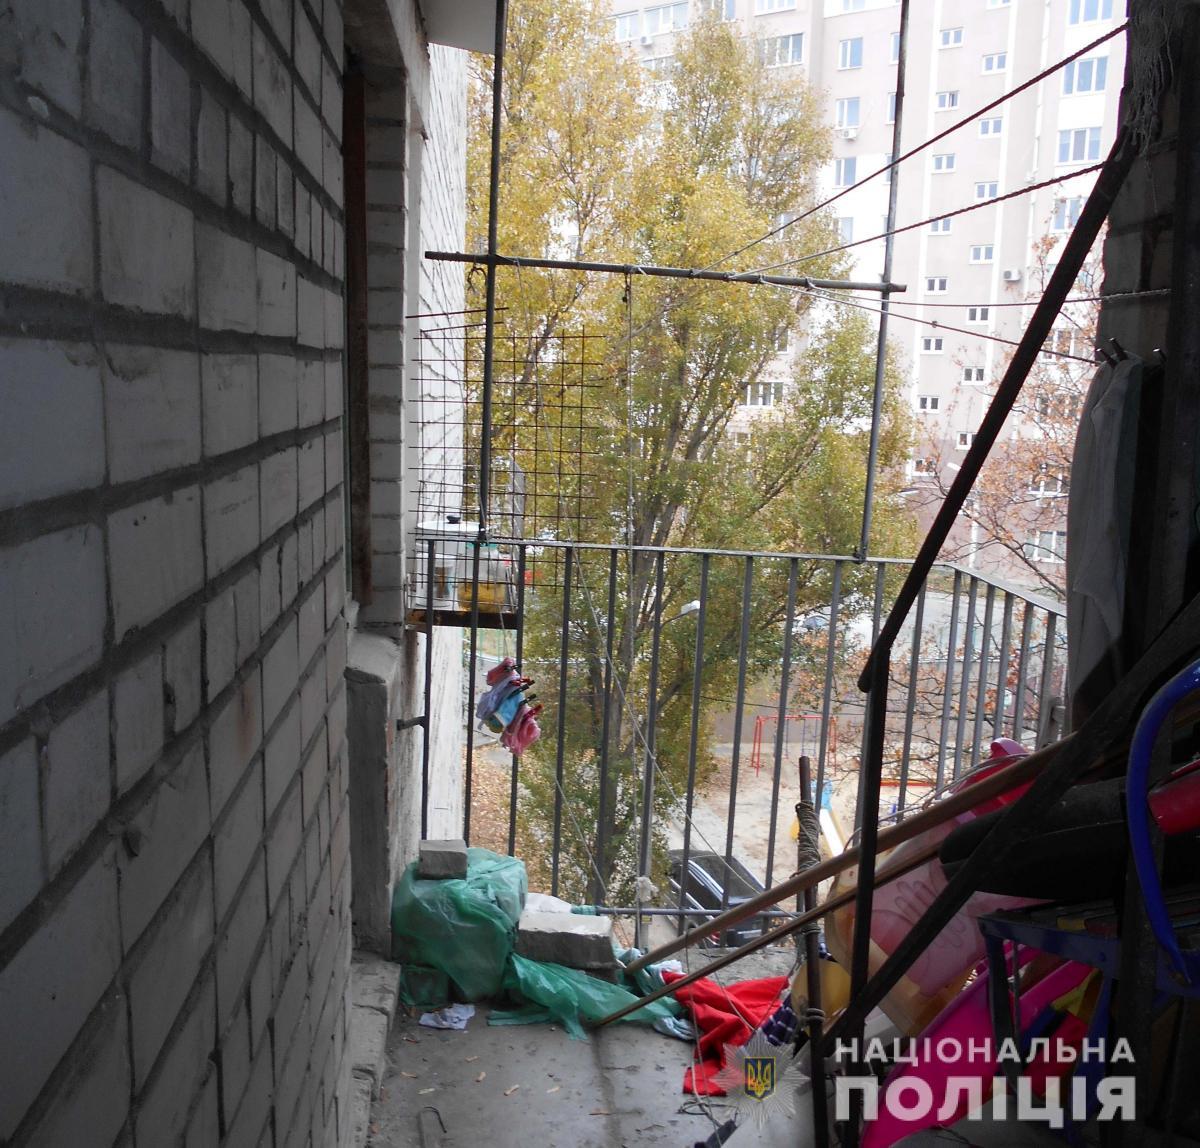 В Харькове школьница покончила жизнь самоубийством / фото hk.npu.gov.ua